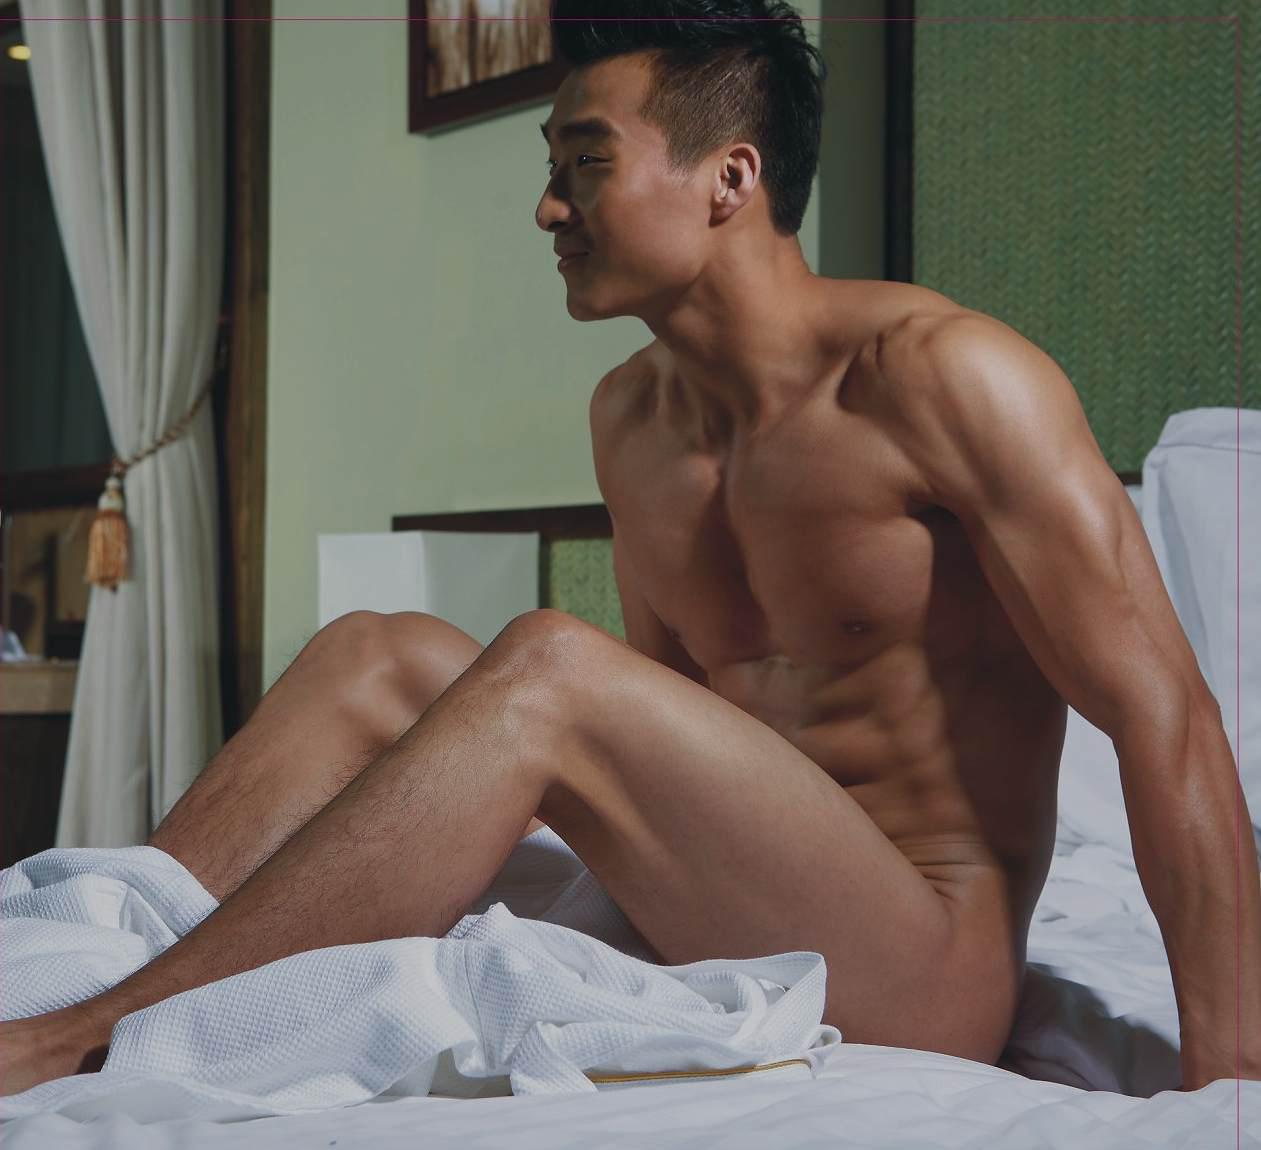 cool-male-model-korea-naked-cock-hot-naked-girls-on-jerry-springer